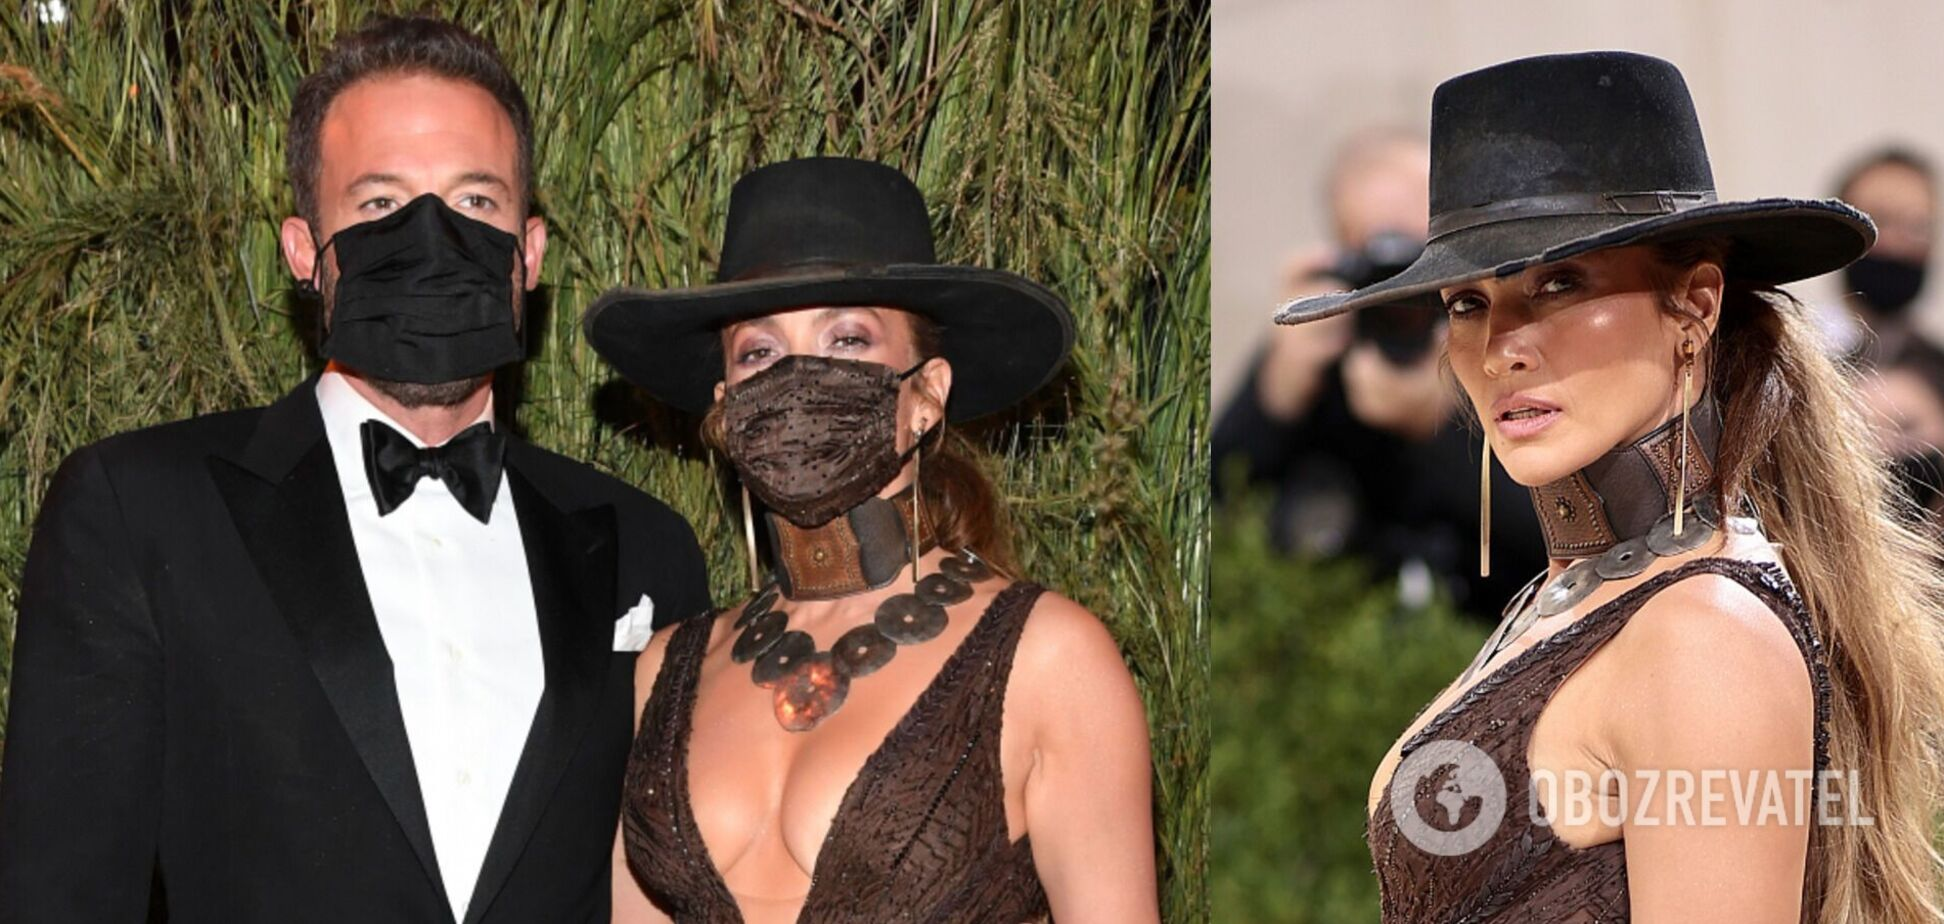 Джей Ло і Бен Аффлек пристрасно поцілувалися крізь маски на Met Gala 2021